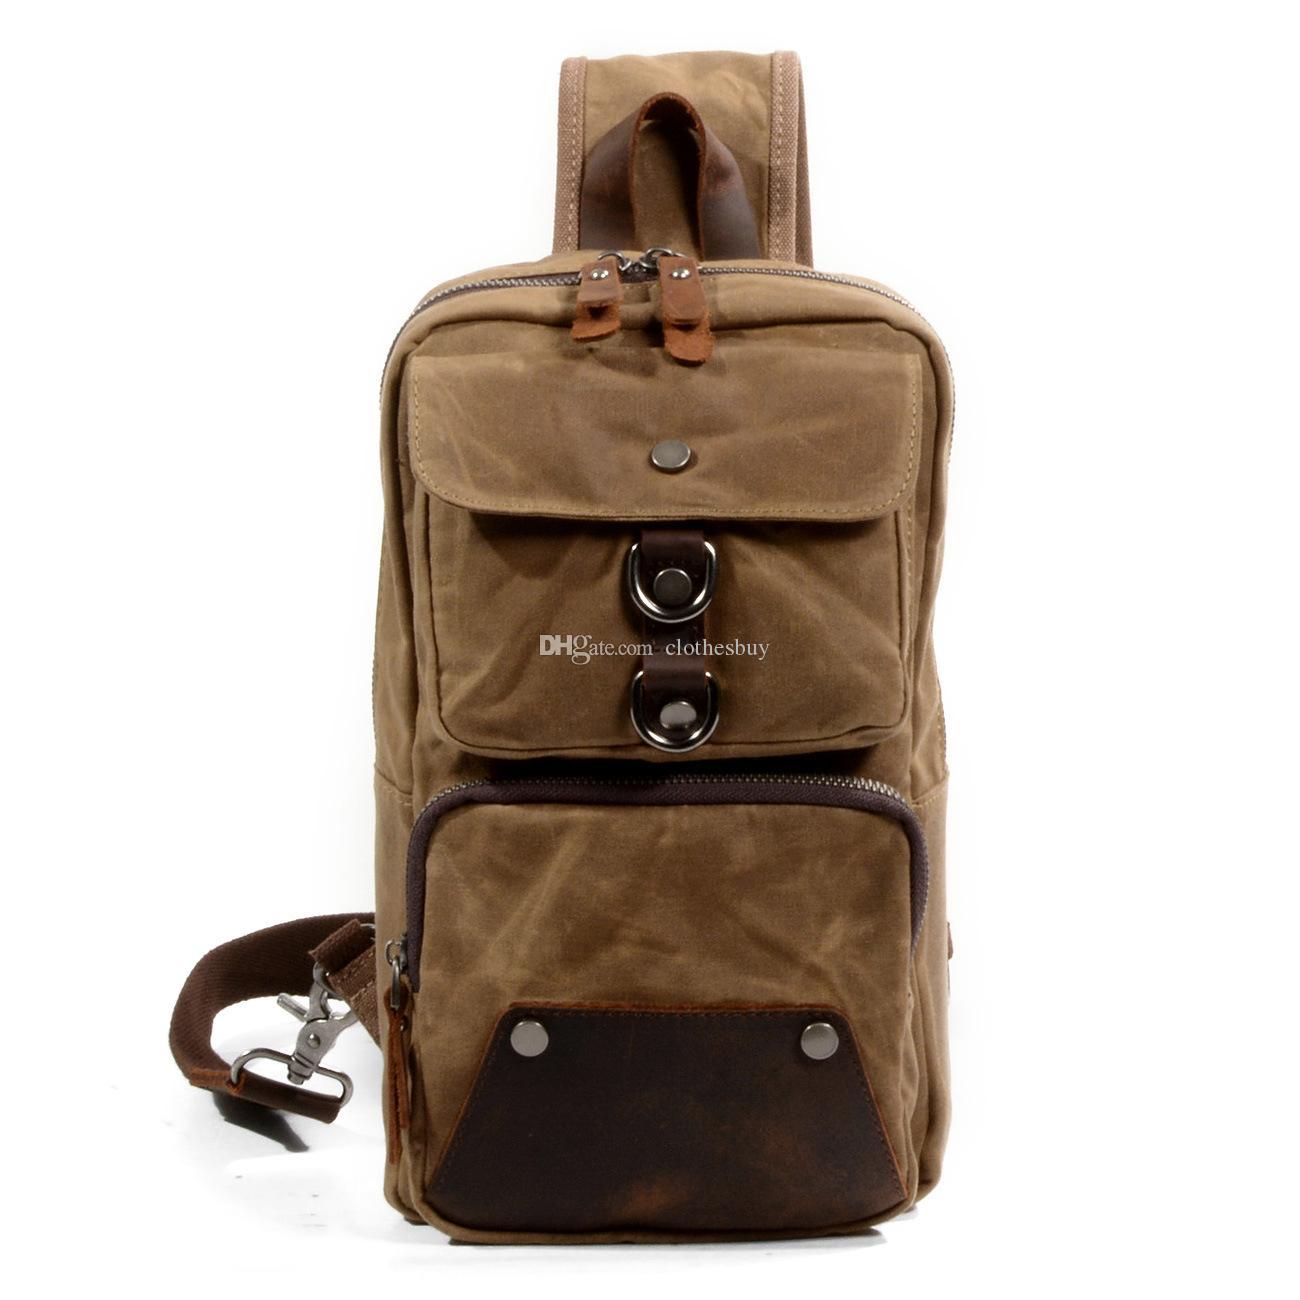 رجل صغير قماش واحدة حقيبة الكتف الأوروبية والأمريكية رسول قفطان حقيبة مدرسية حقيبة الصدر الرياضية في الهواء الطلق حقيبة الترفيه